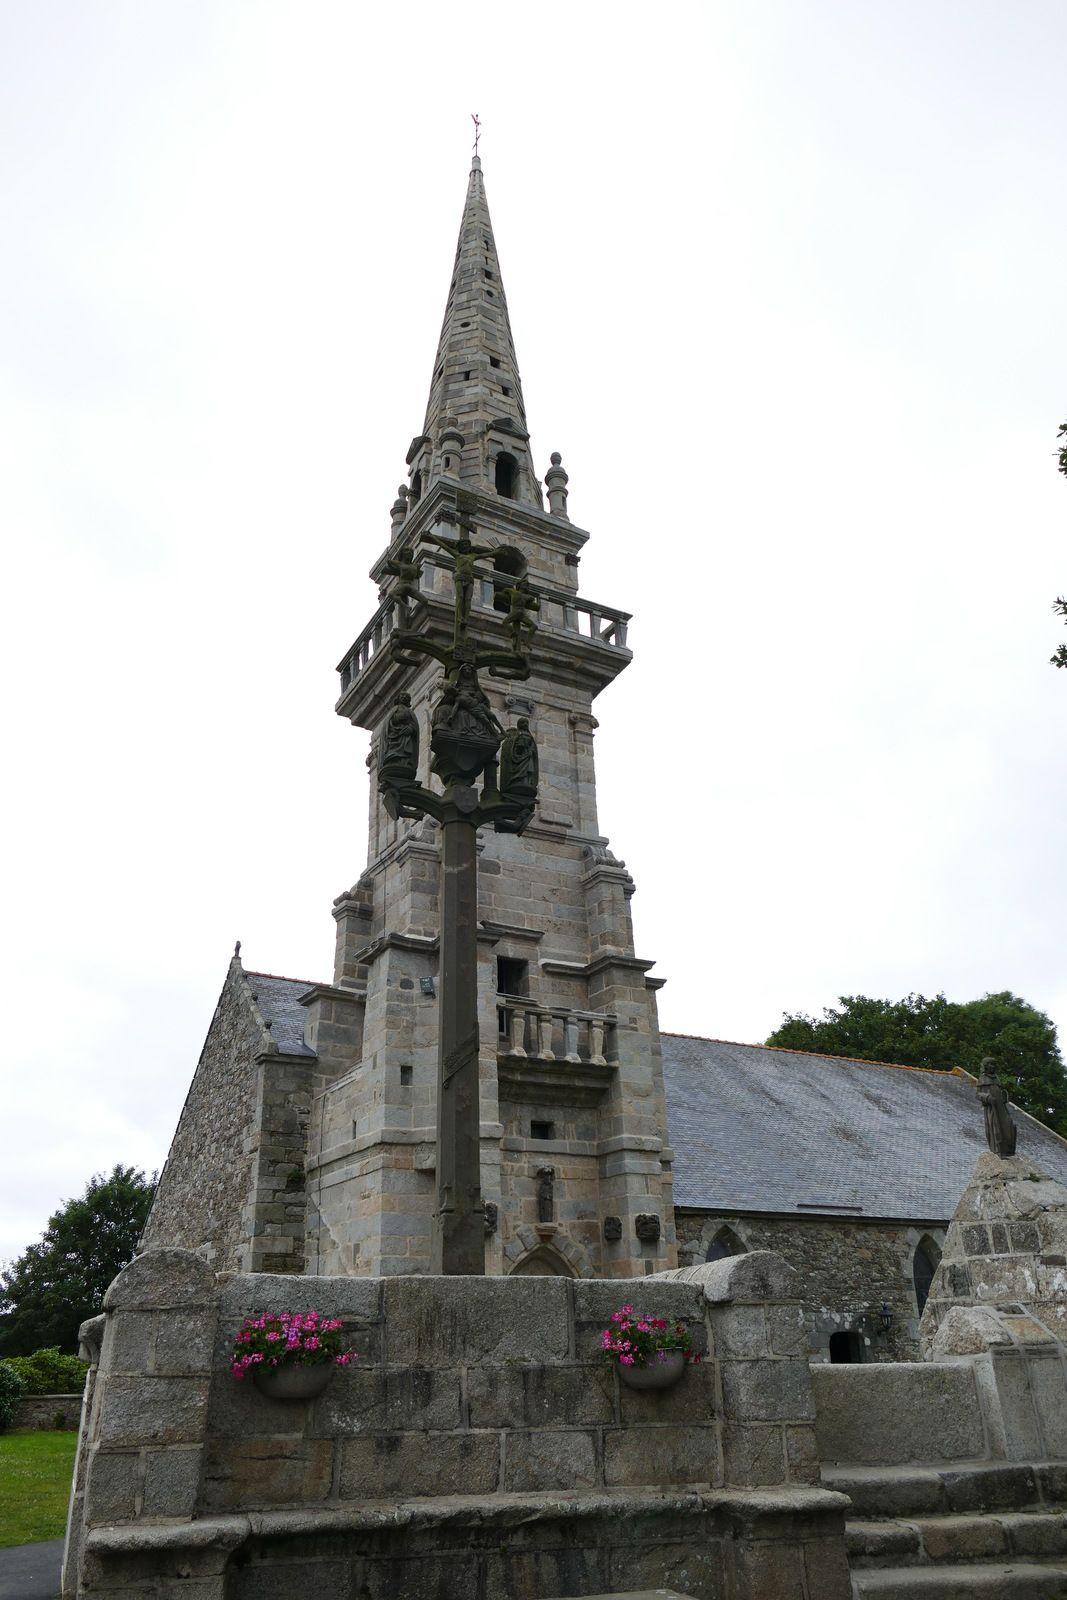 Calvaire (kersantite, 1527) de la chapelle de Locmaria-Lann à Plabennec. Photographie lavieb-aile.